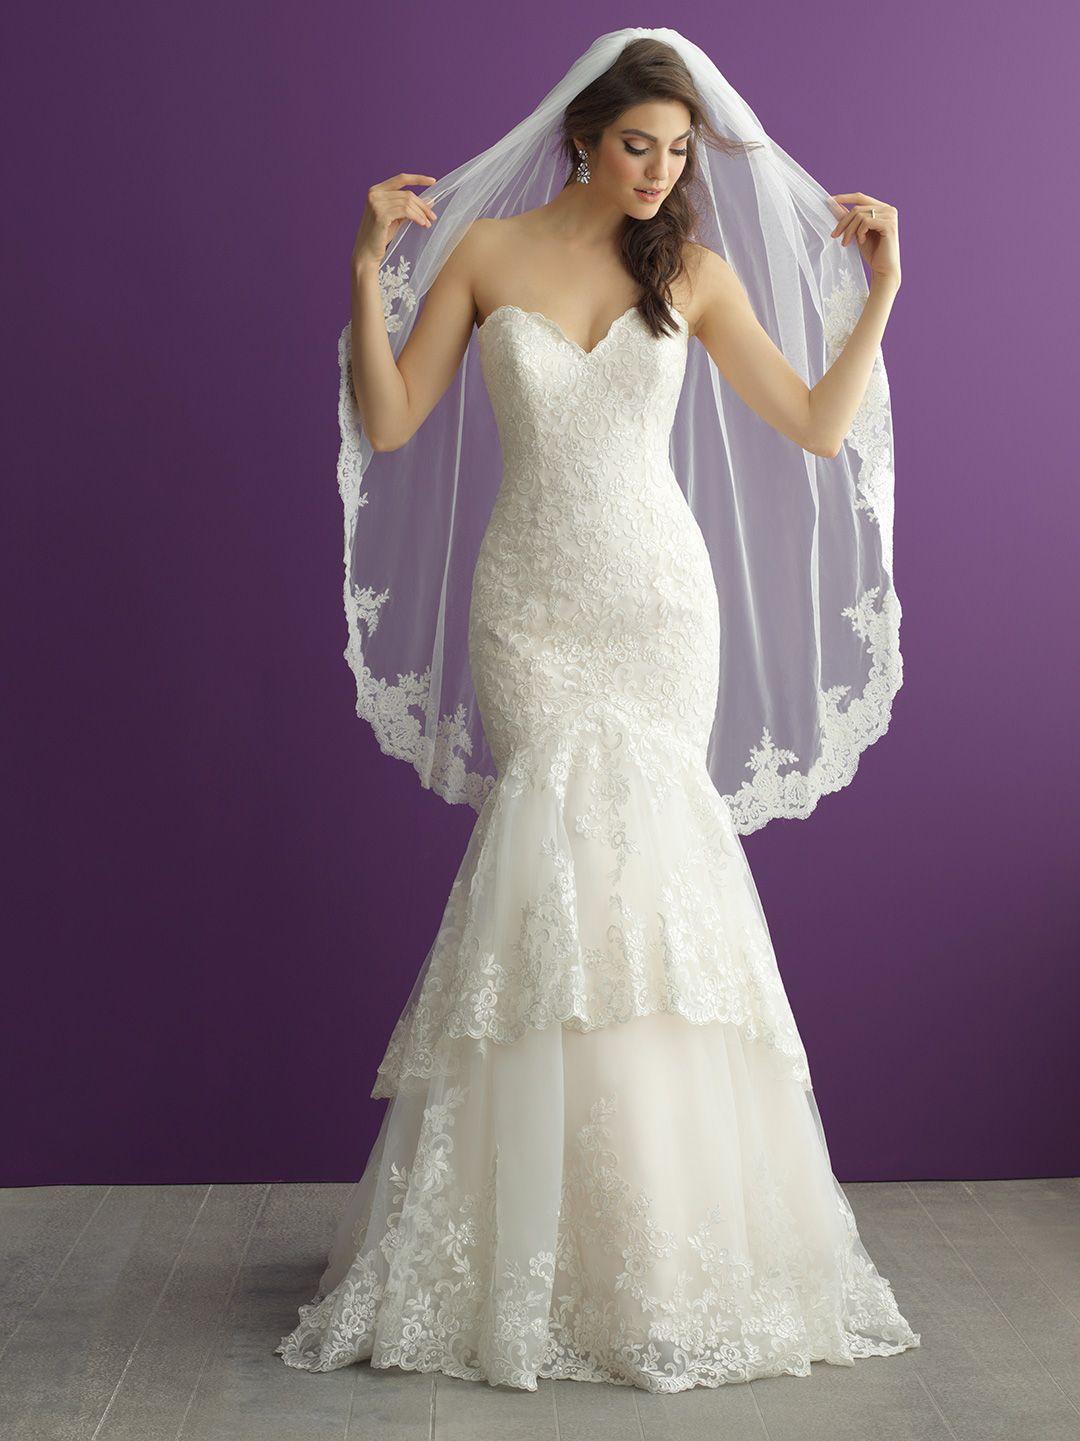 Vistoso Allure Bridesmaid Dresses Online Modelo - Ideas de Vestidos ...